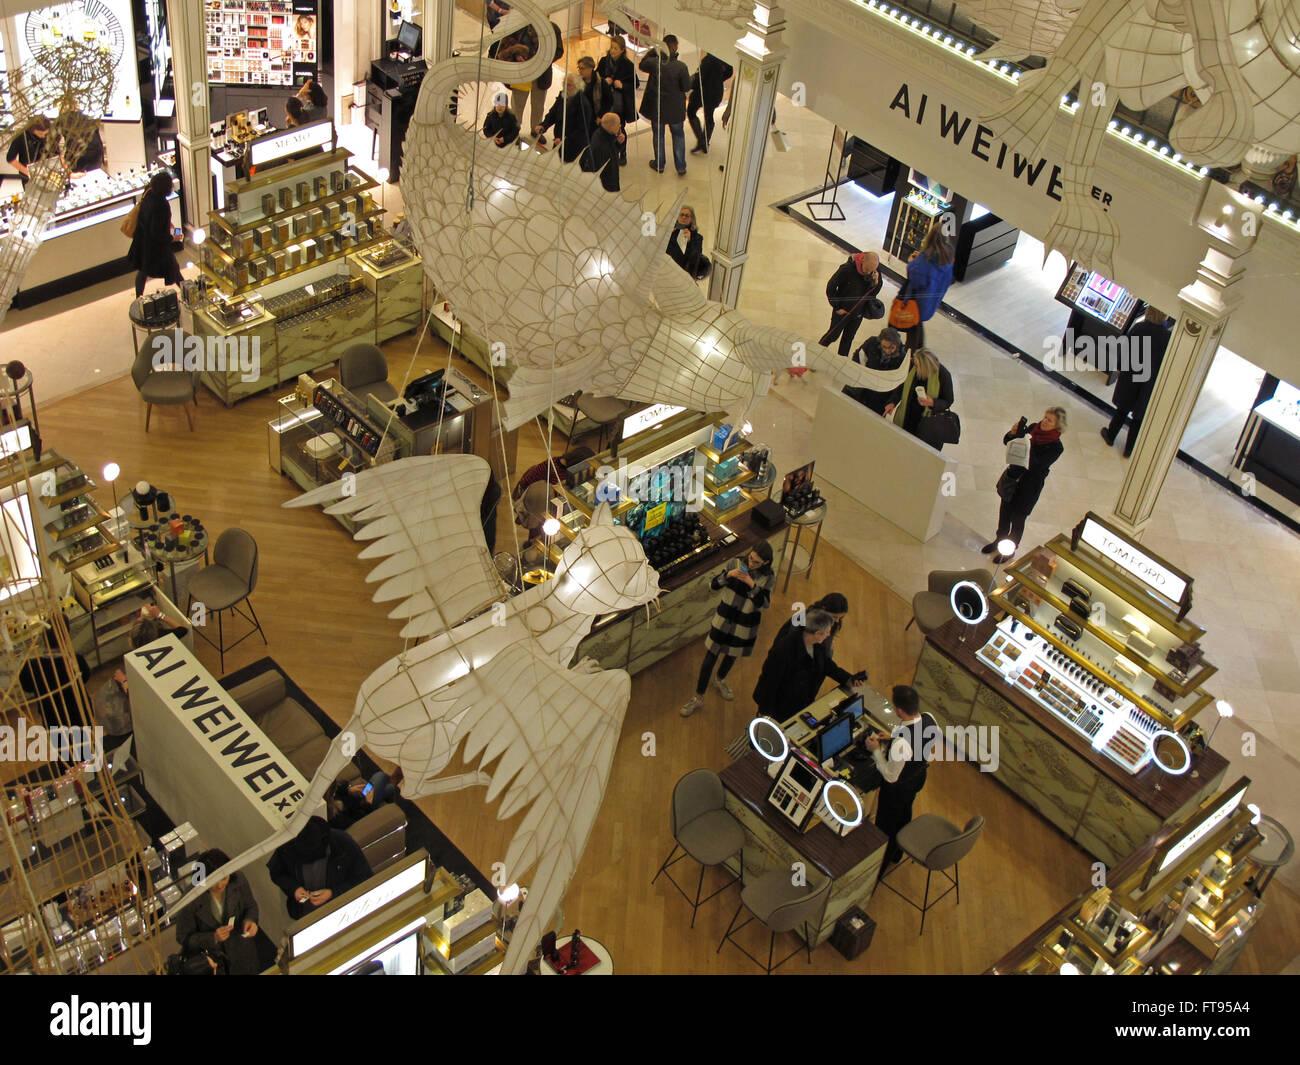 Ai Weiwei exhibition Er Xi,Air de jeux in Le Bon Marche Department store,Paris,France - Stock Image